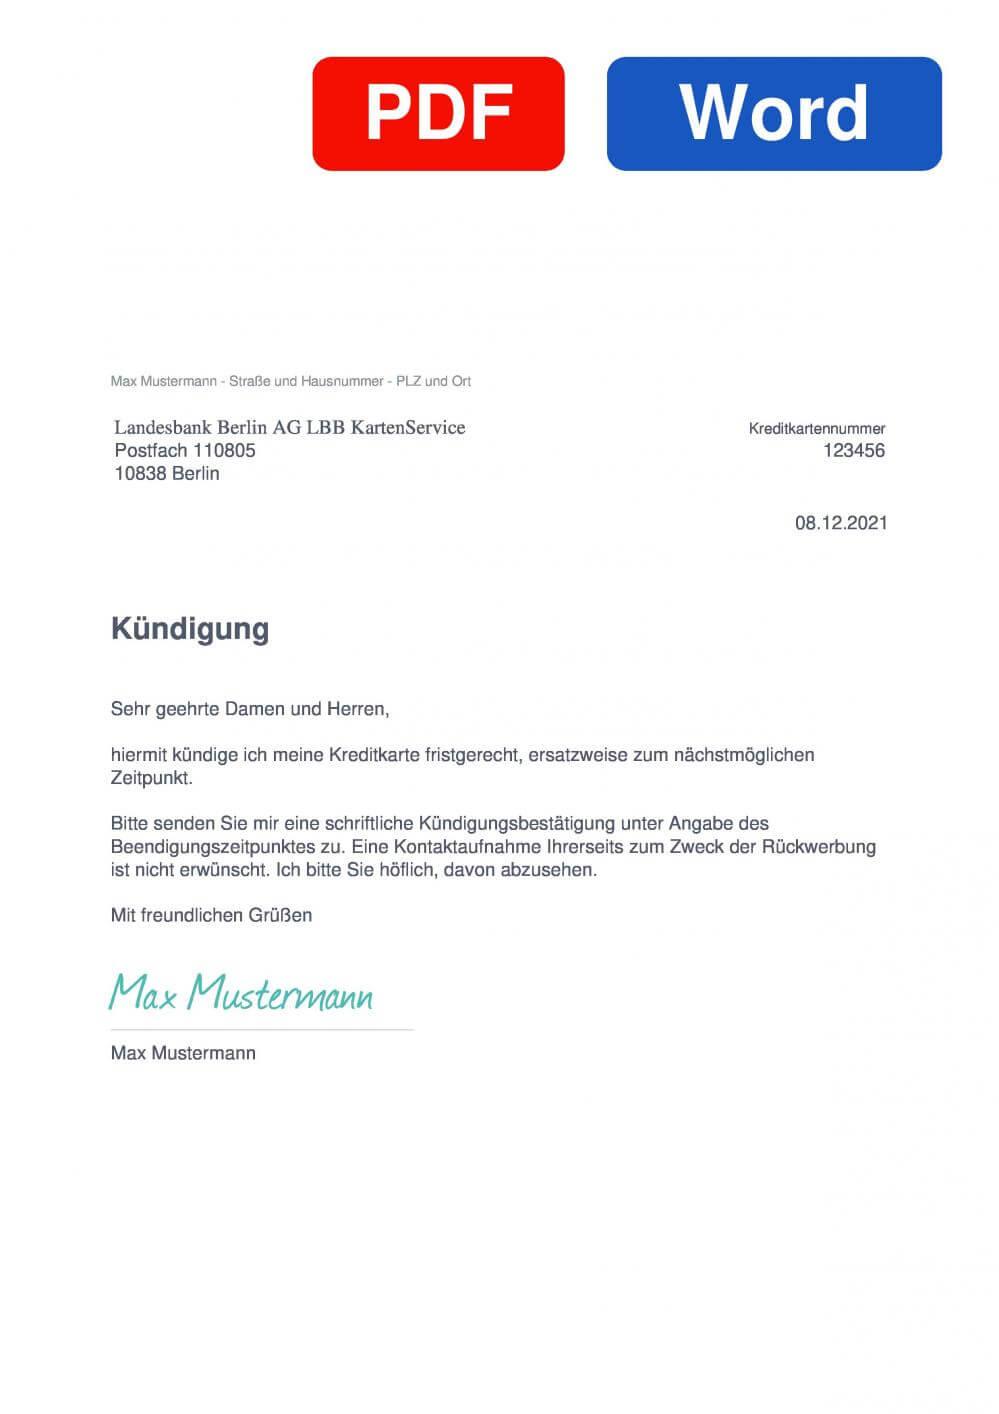 LBB Air Berlin Kreditkarte Muster Vorlage für Kündigungsschreiben